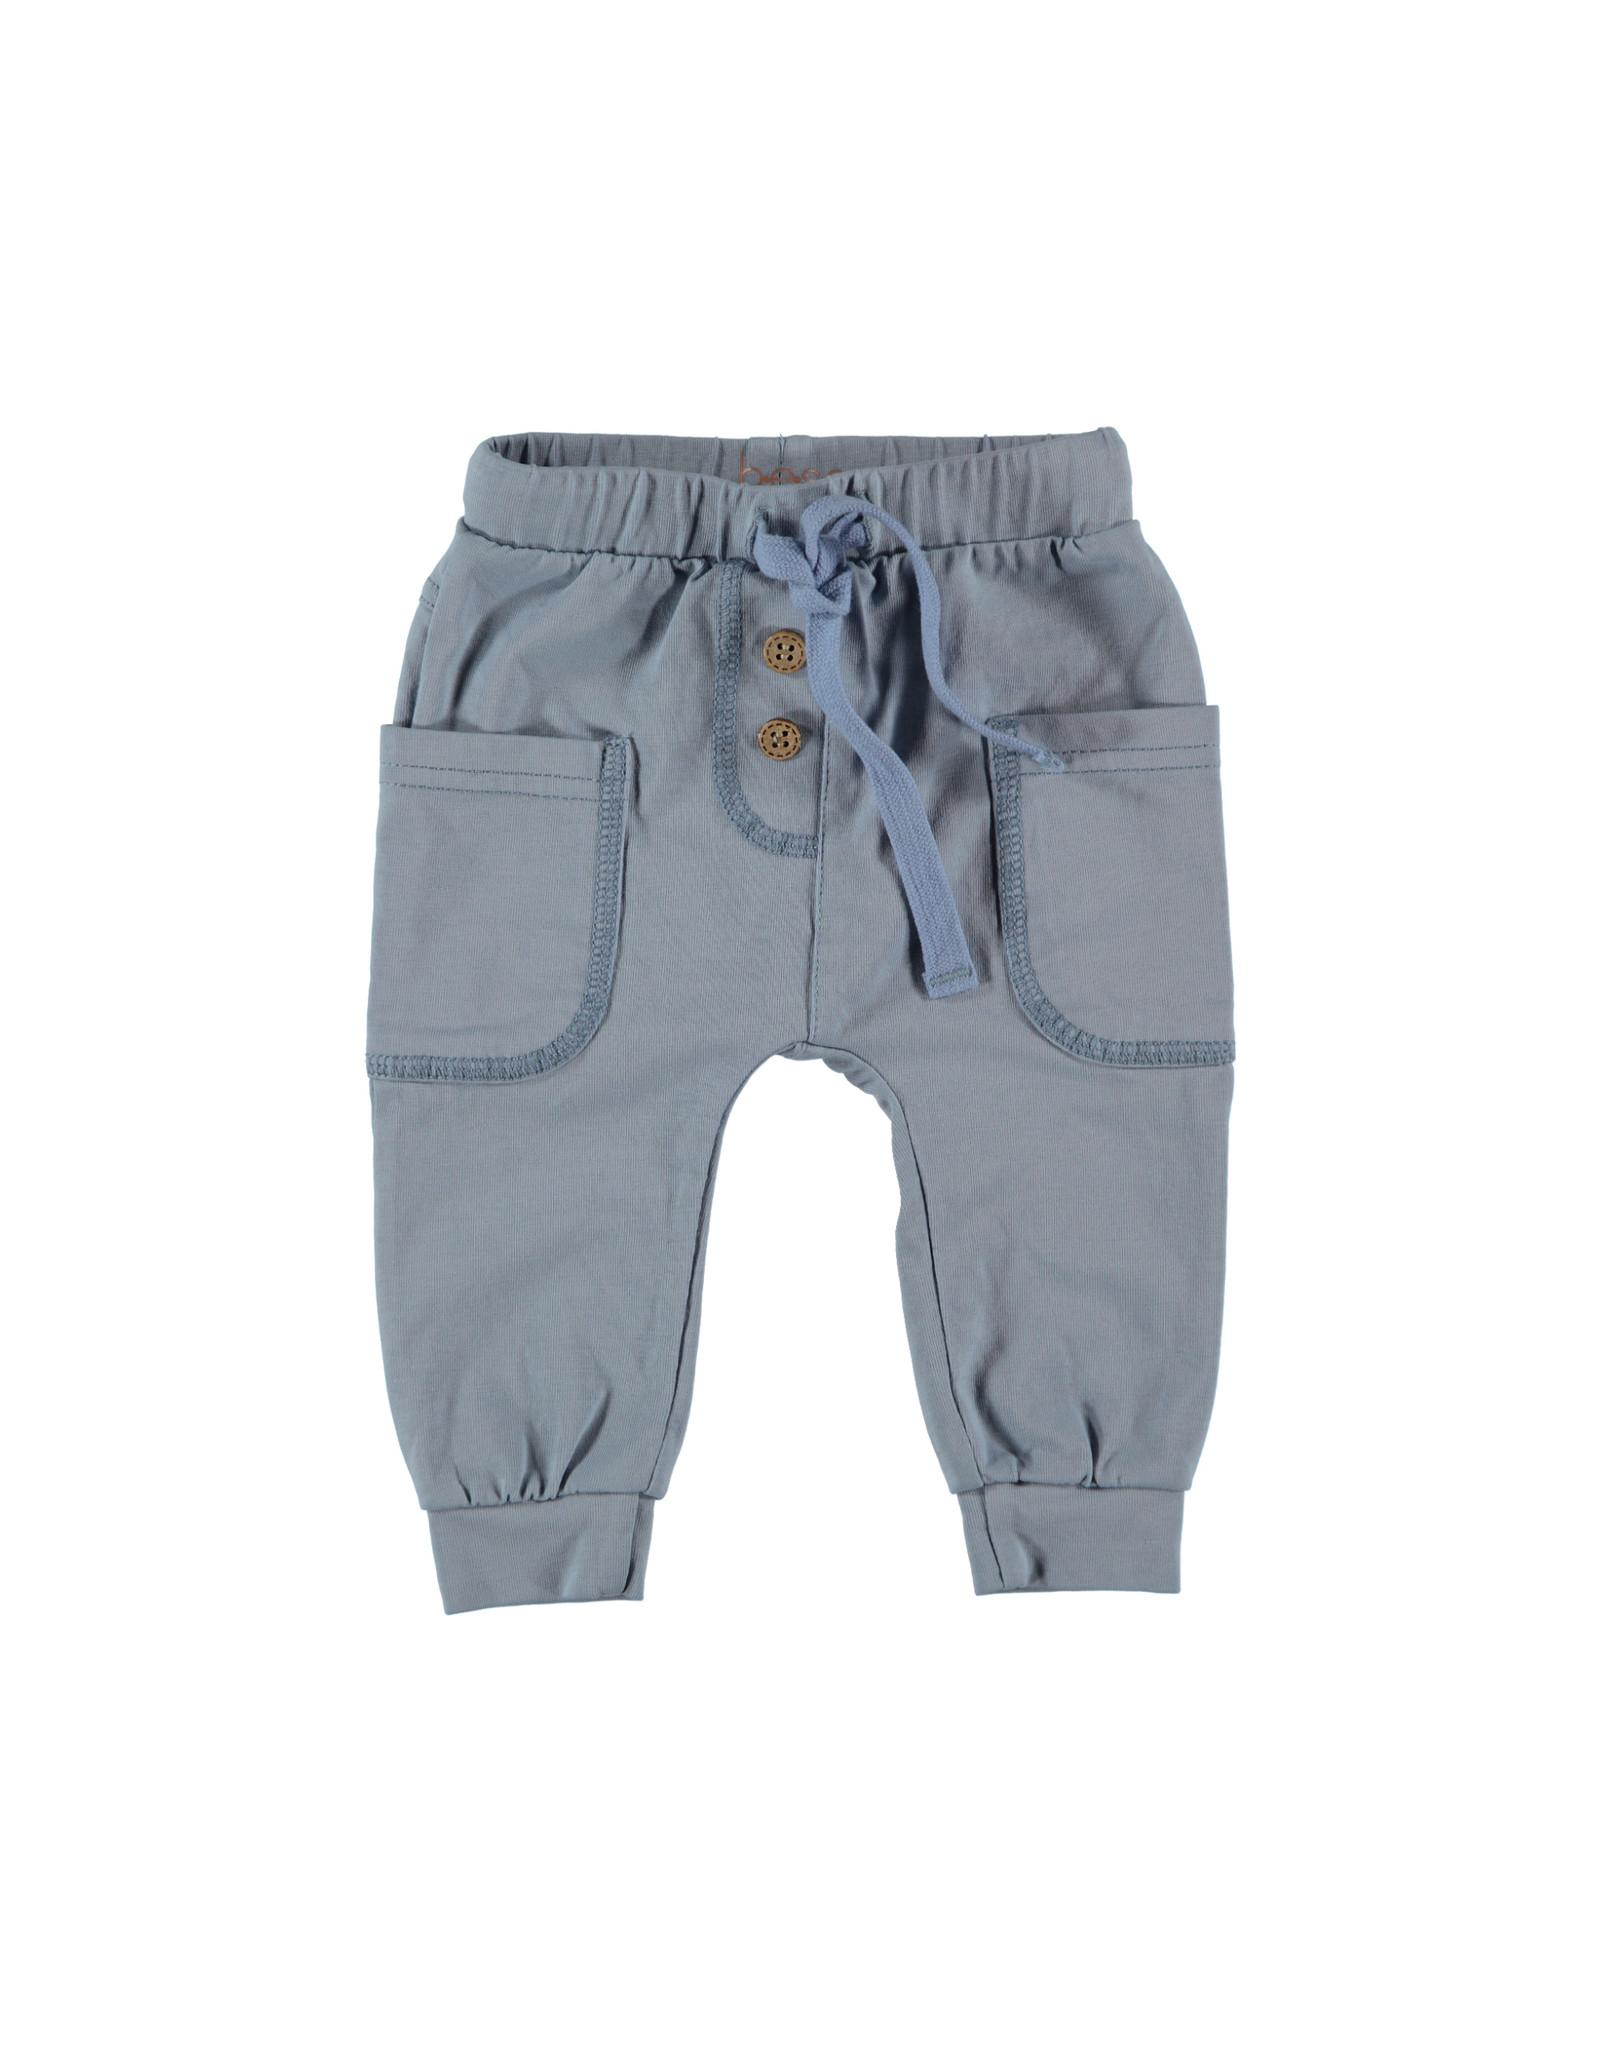 B.E.S.S. Pants with Pockets, Lightblue